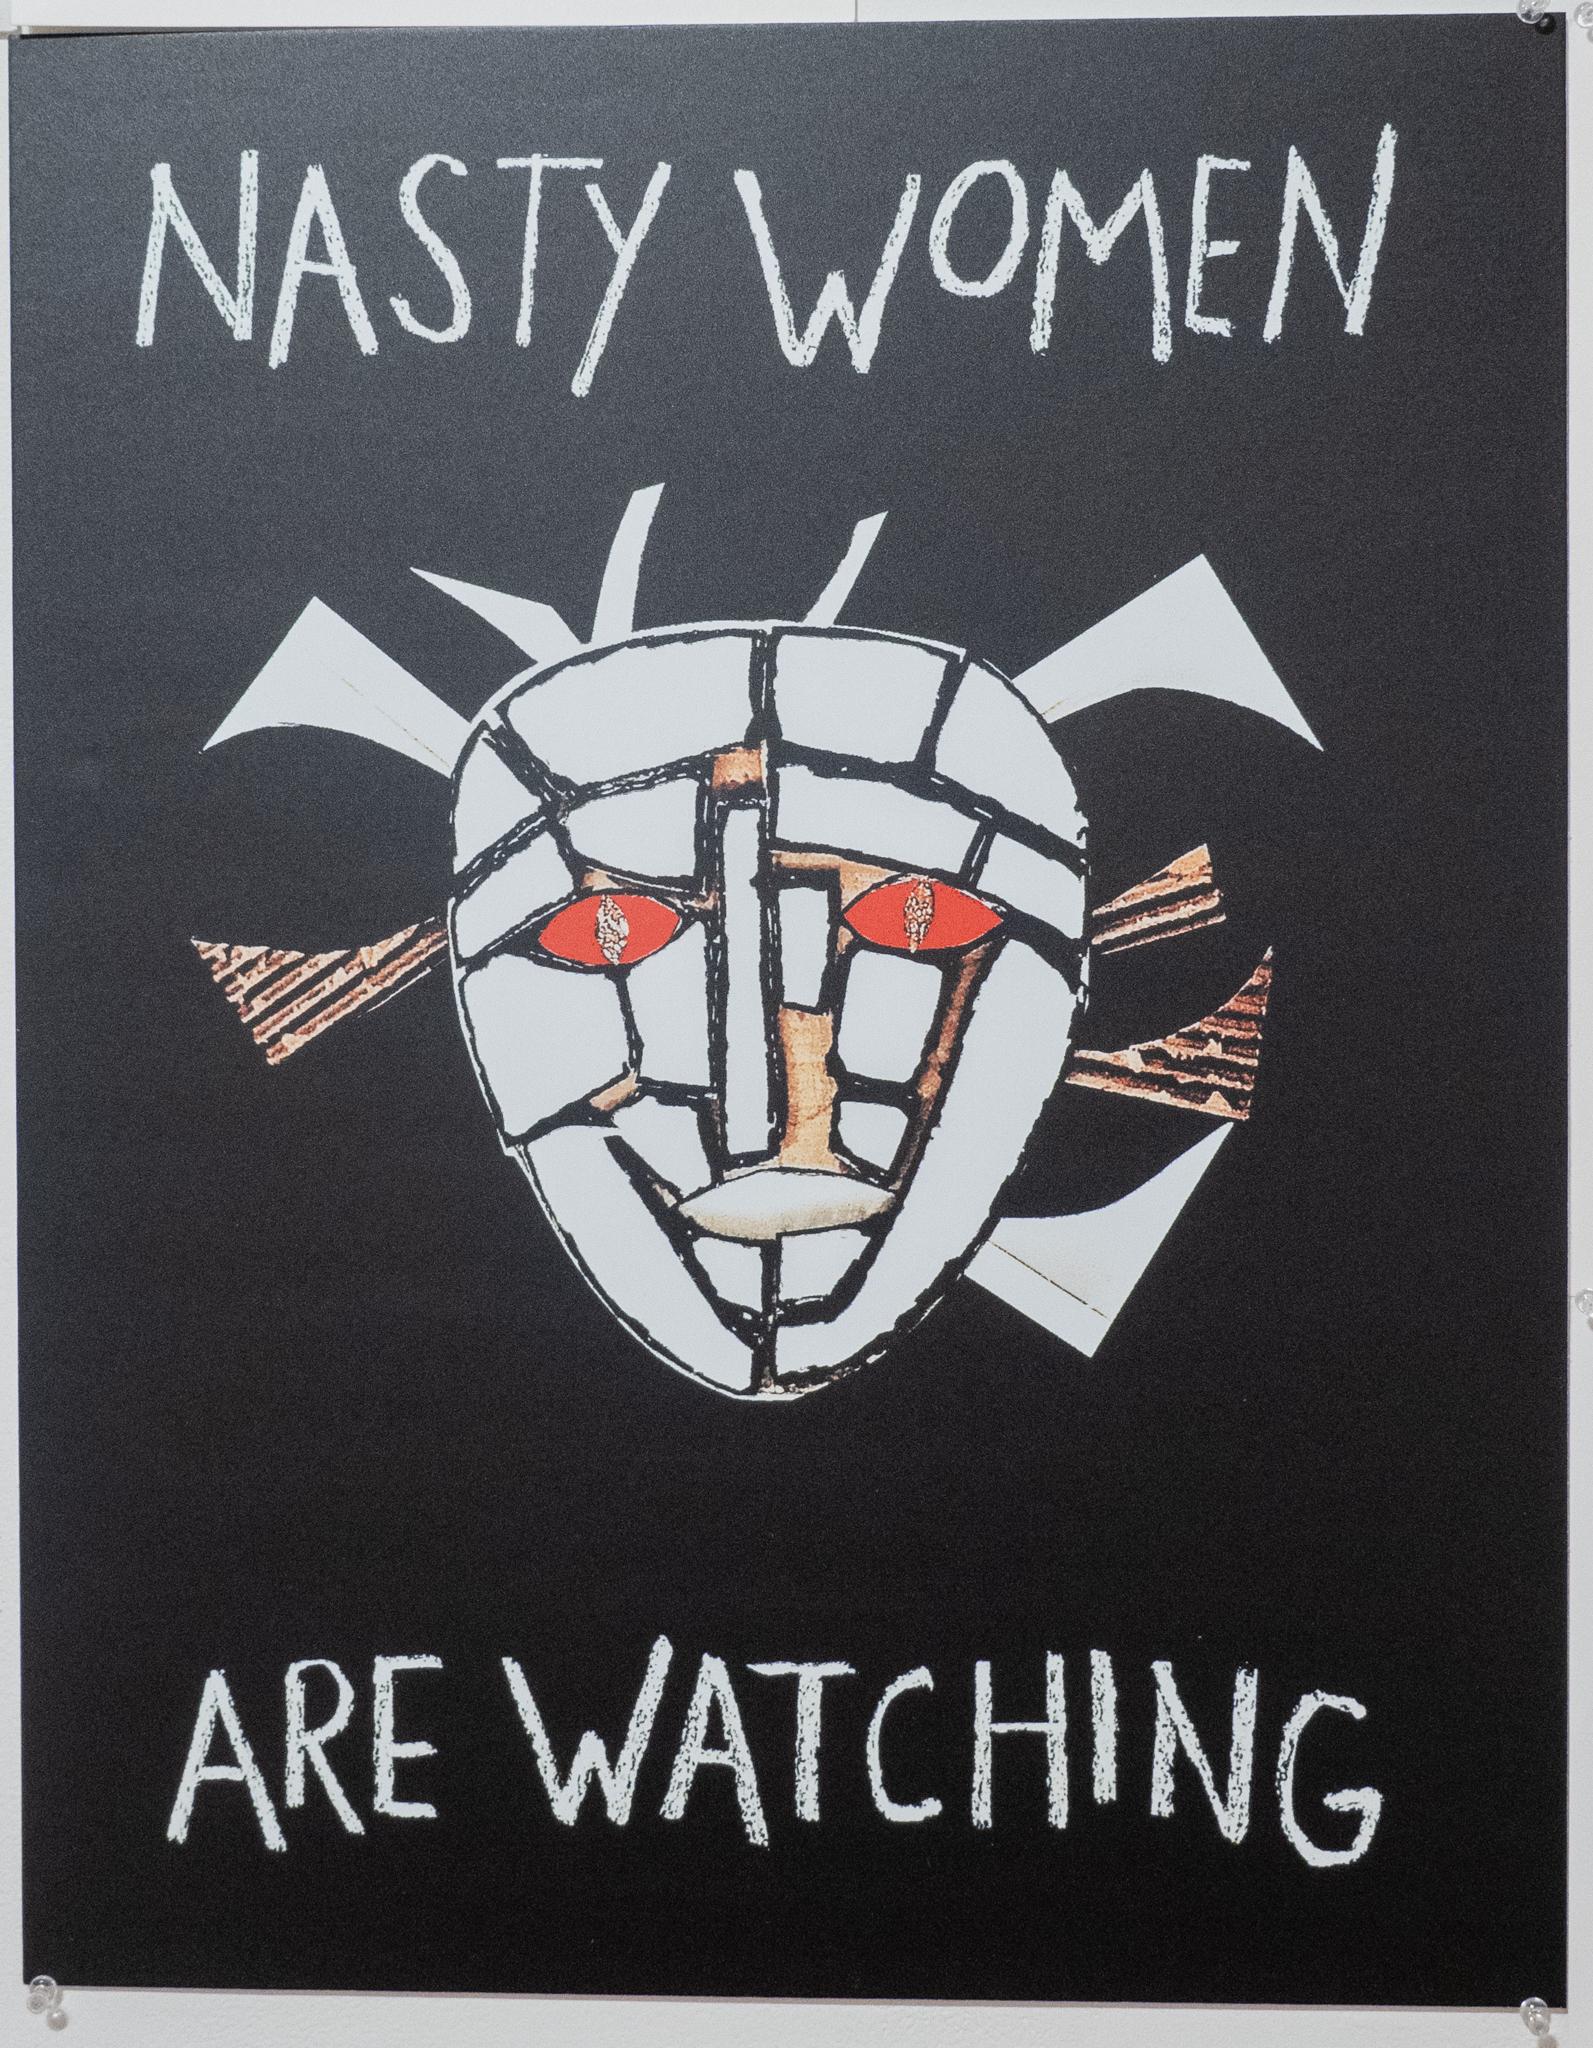 Nasty Women Are Watching